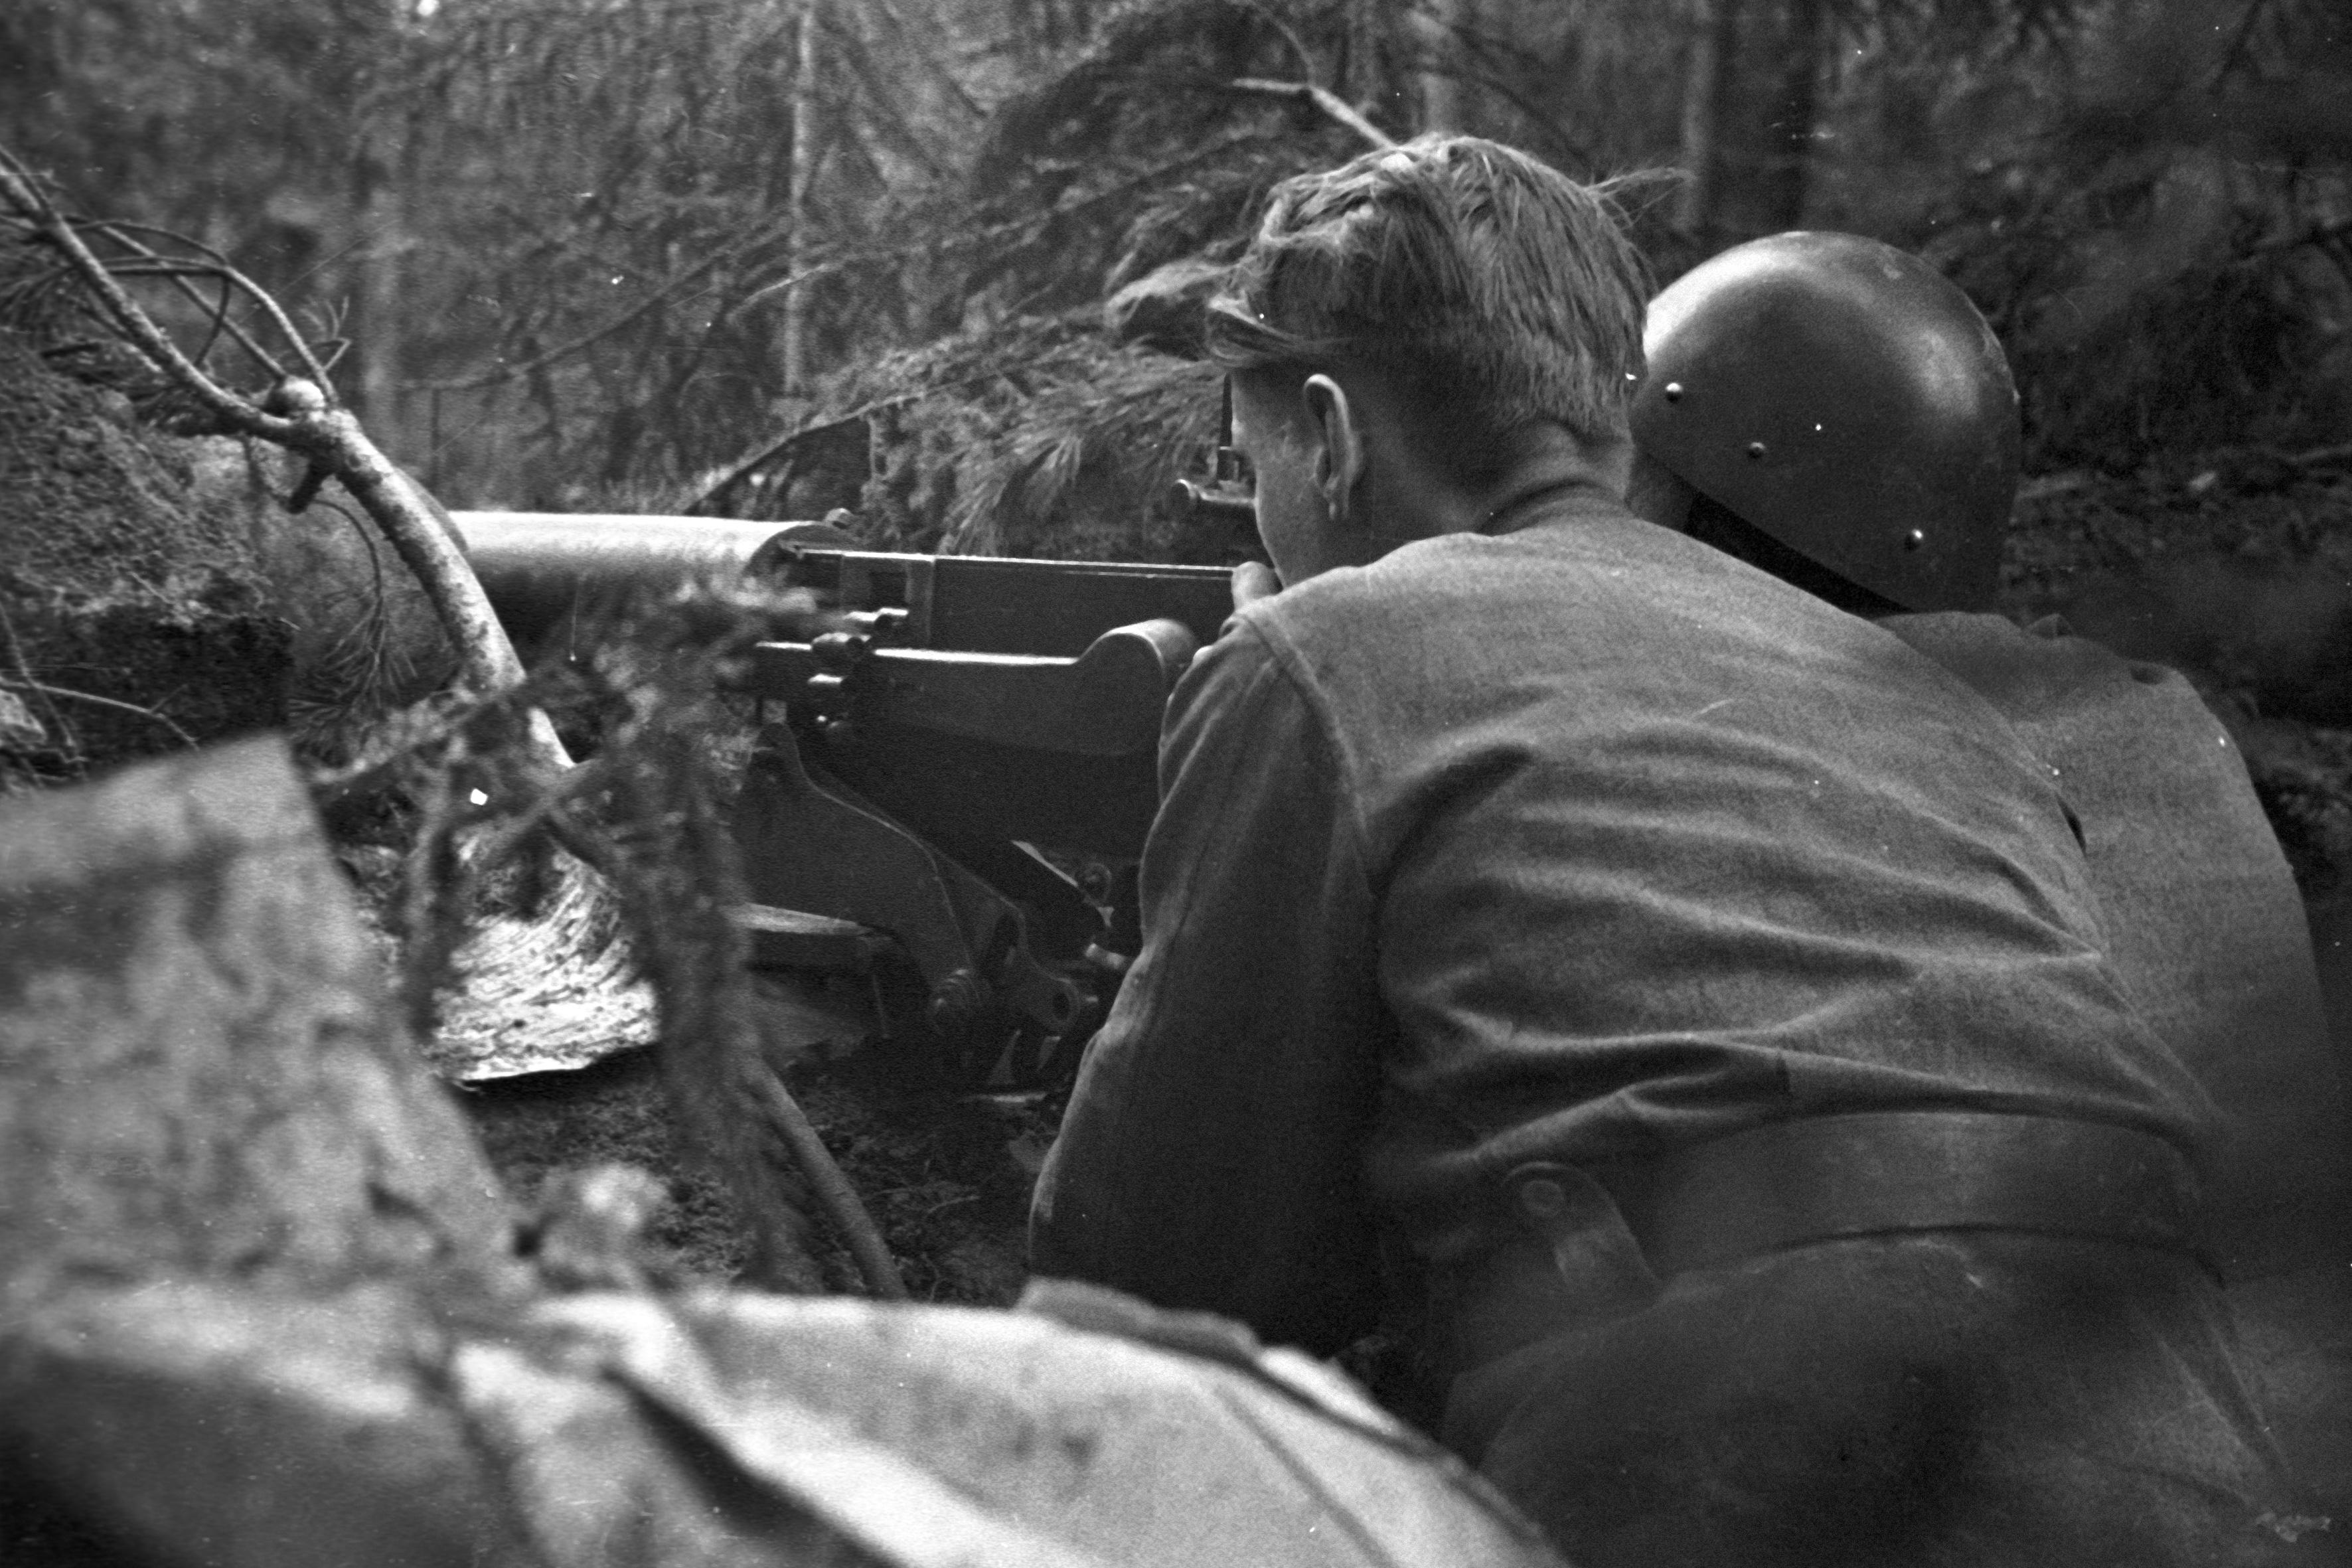 Kuvahaun tulos haulle Soviet offensive in finland on July 21, 1944